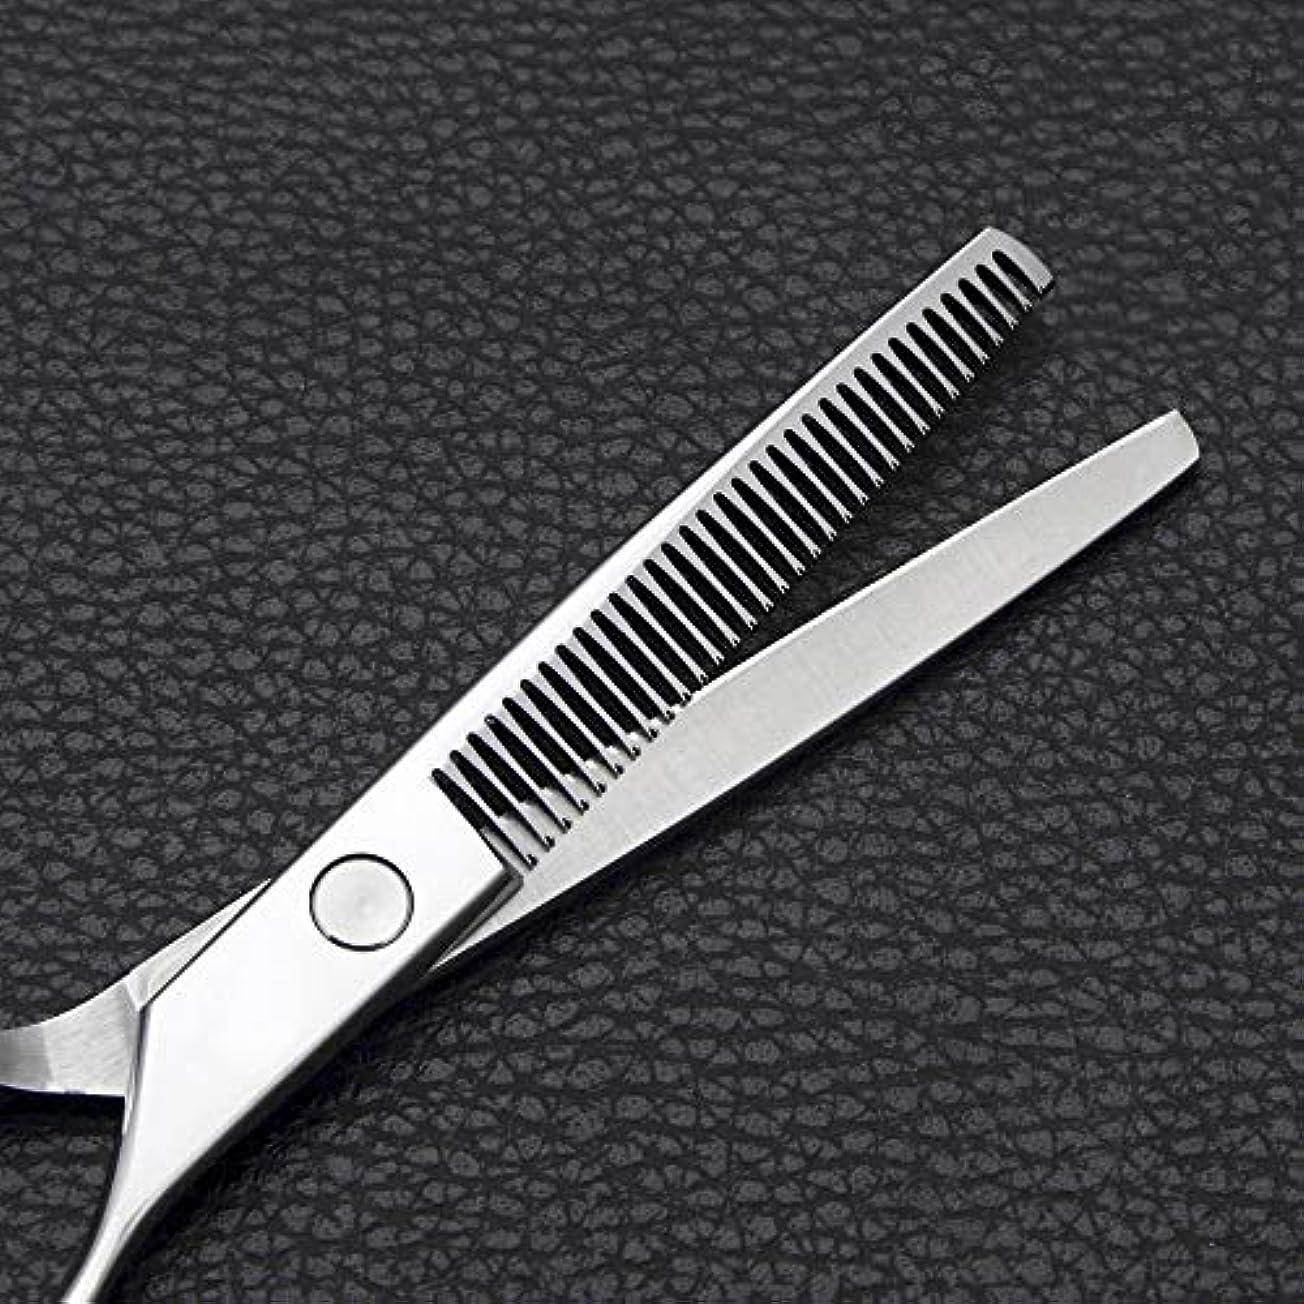 パーク殺す契約する理髪用はさみ 6インチの理髪はさみ、ステンレス鋼の歯はさみ毛の切断はさみステンレス理髪はさみ (色 : Silver)